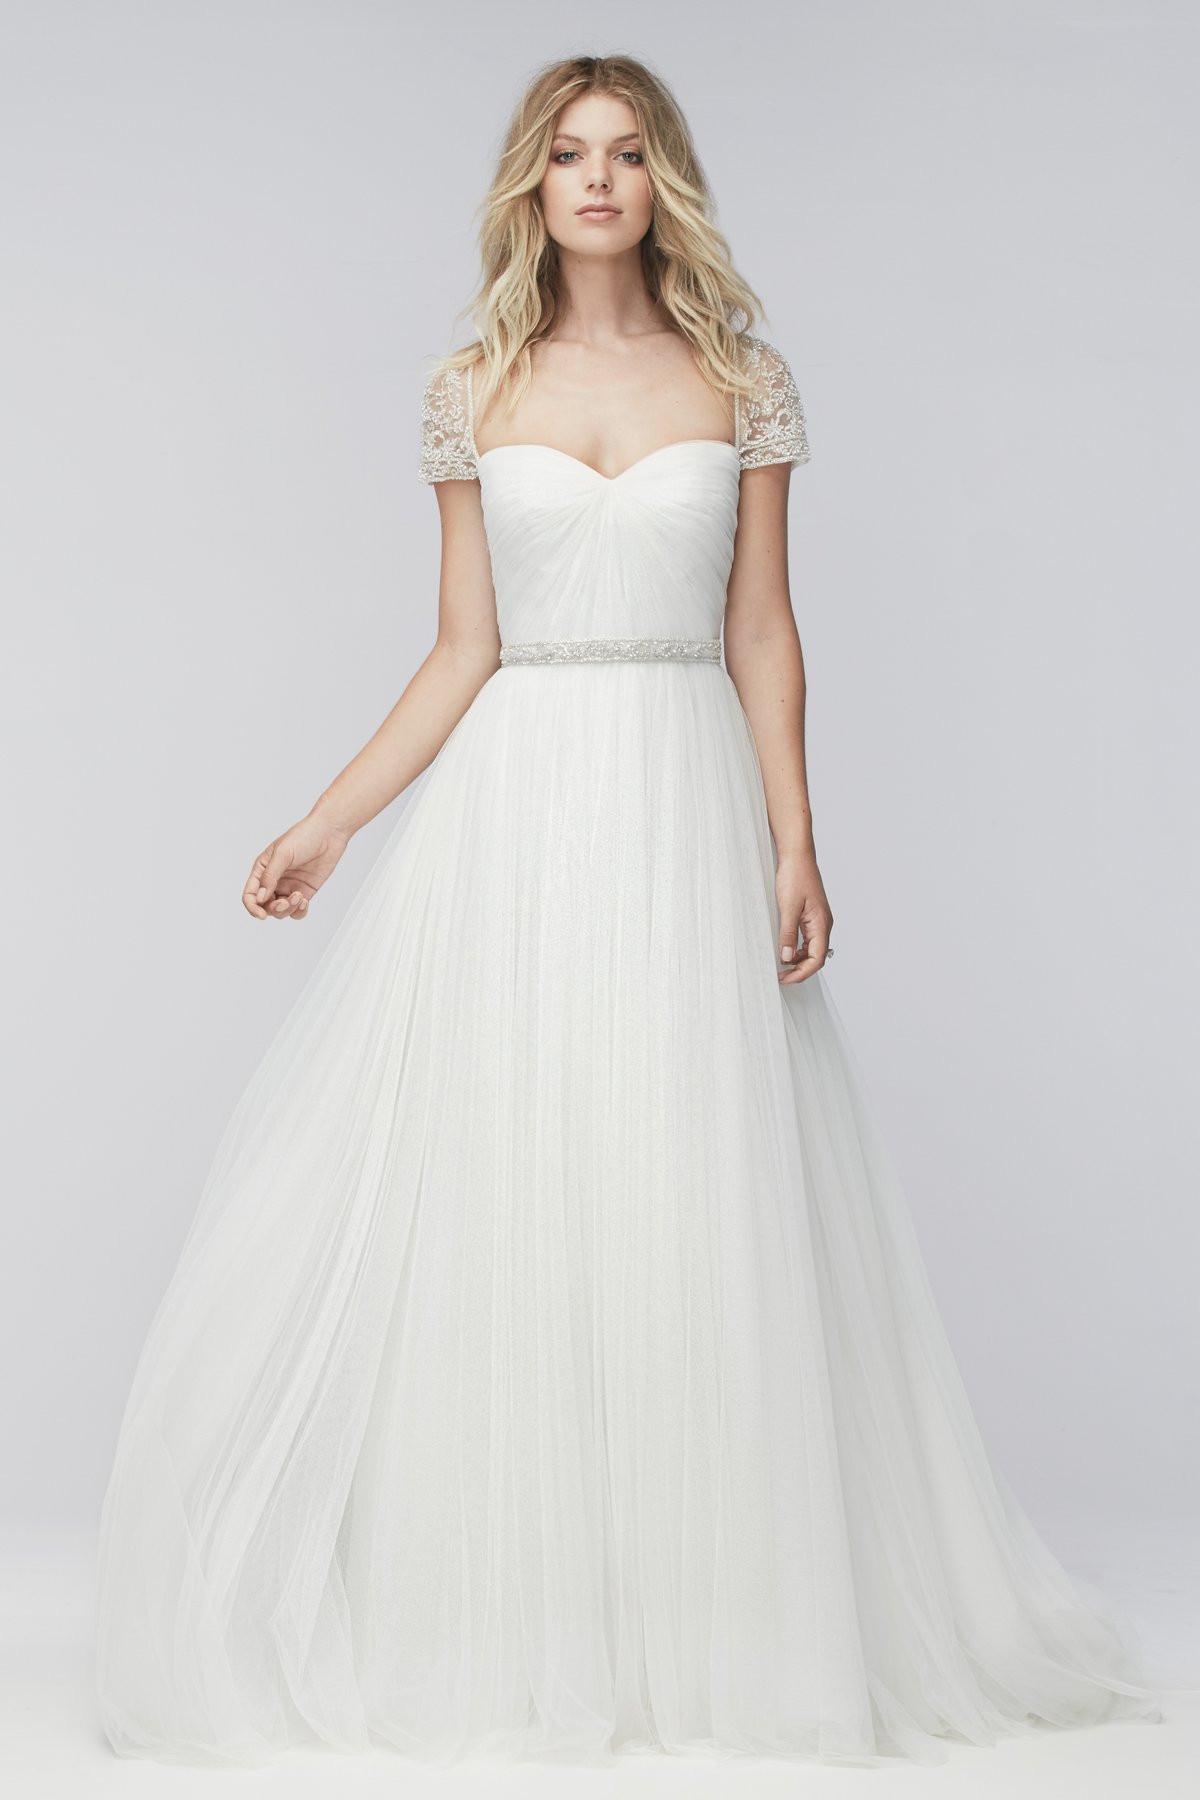 Wedding Gowns San Diego  Wtoo Wedding Dresses & Bridal Gowns In San Diego